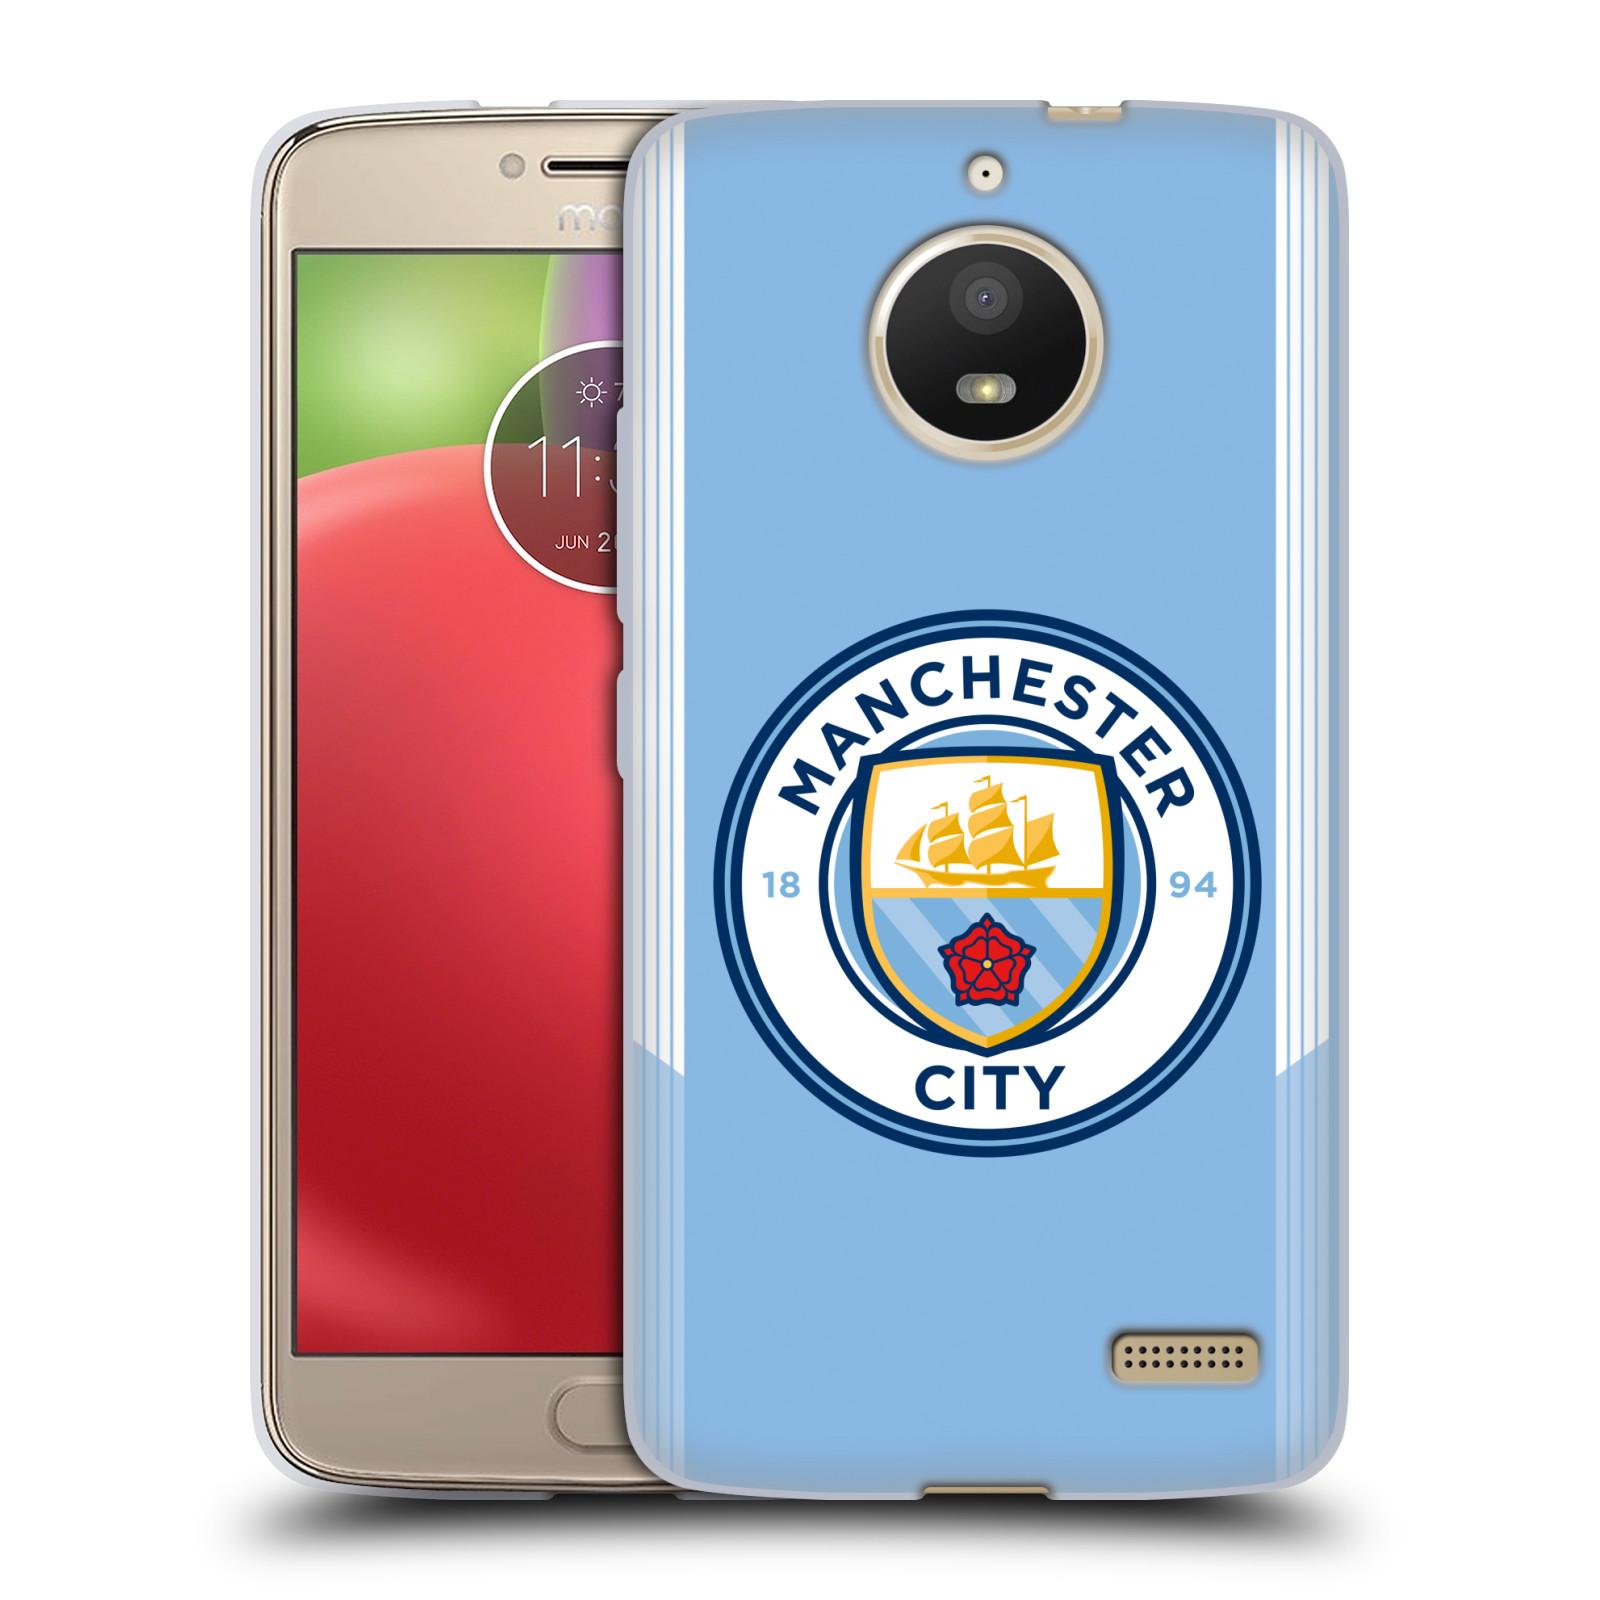 HEAD CASE silikonový obal na mobil Lenovo Moto E4 Fotbalový klub Manchester City modrá barva domácí dresy